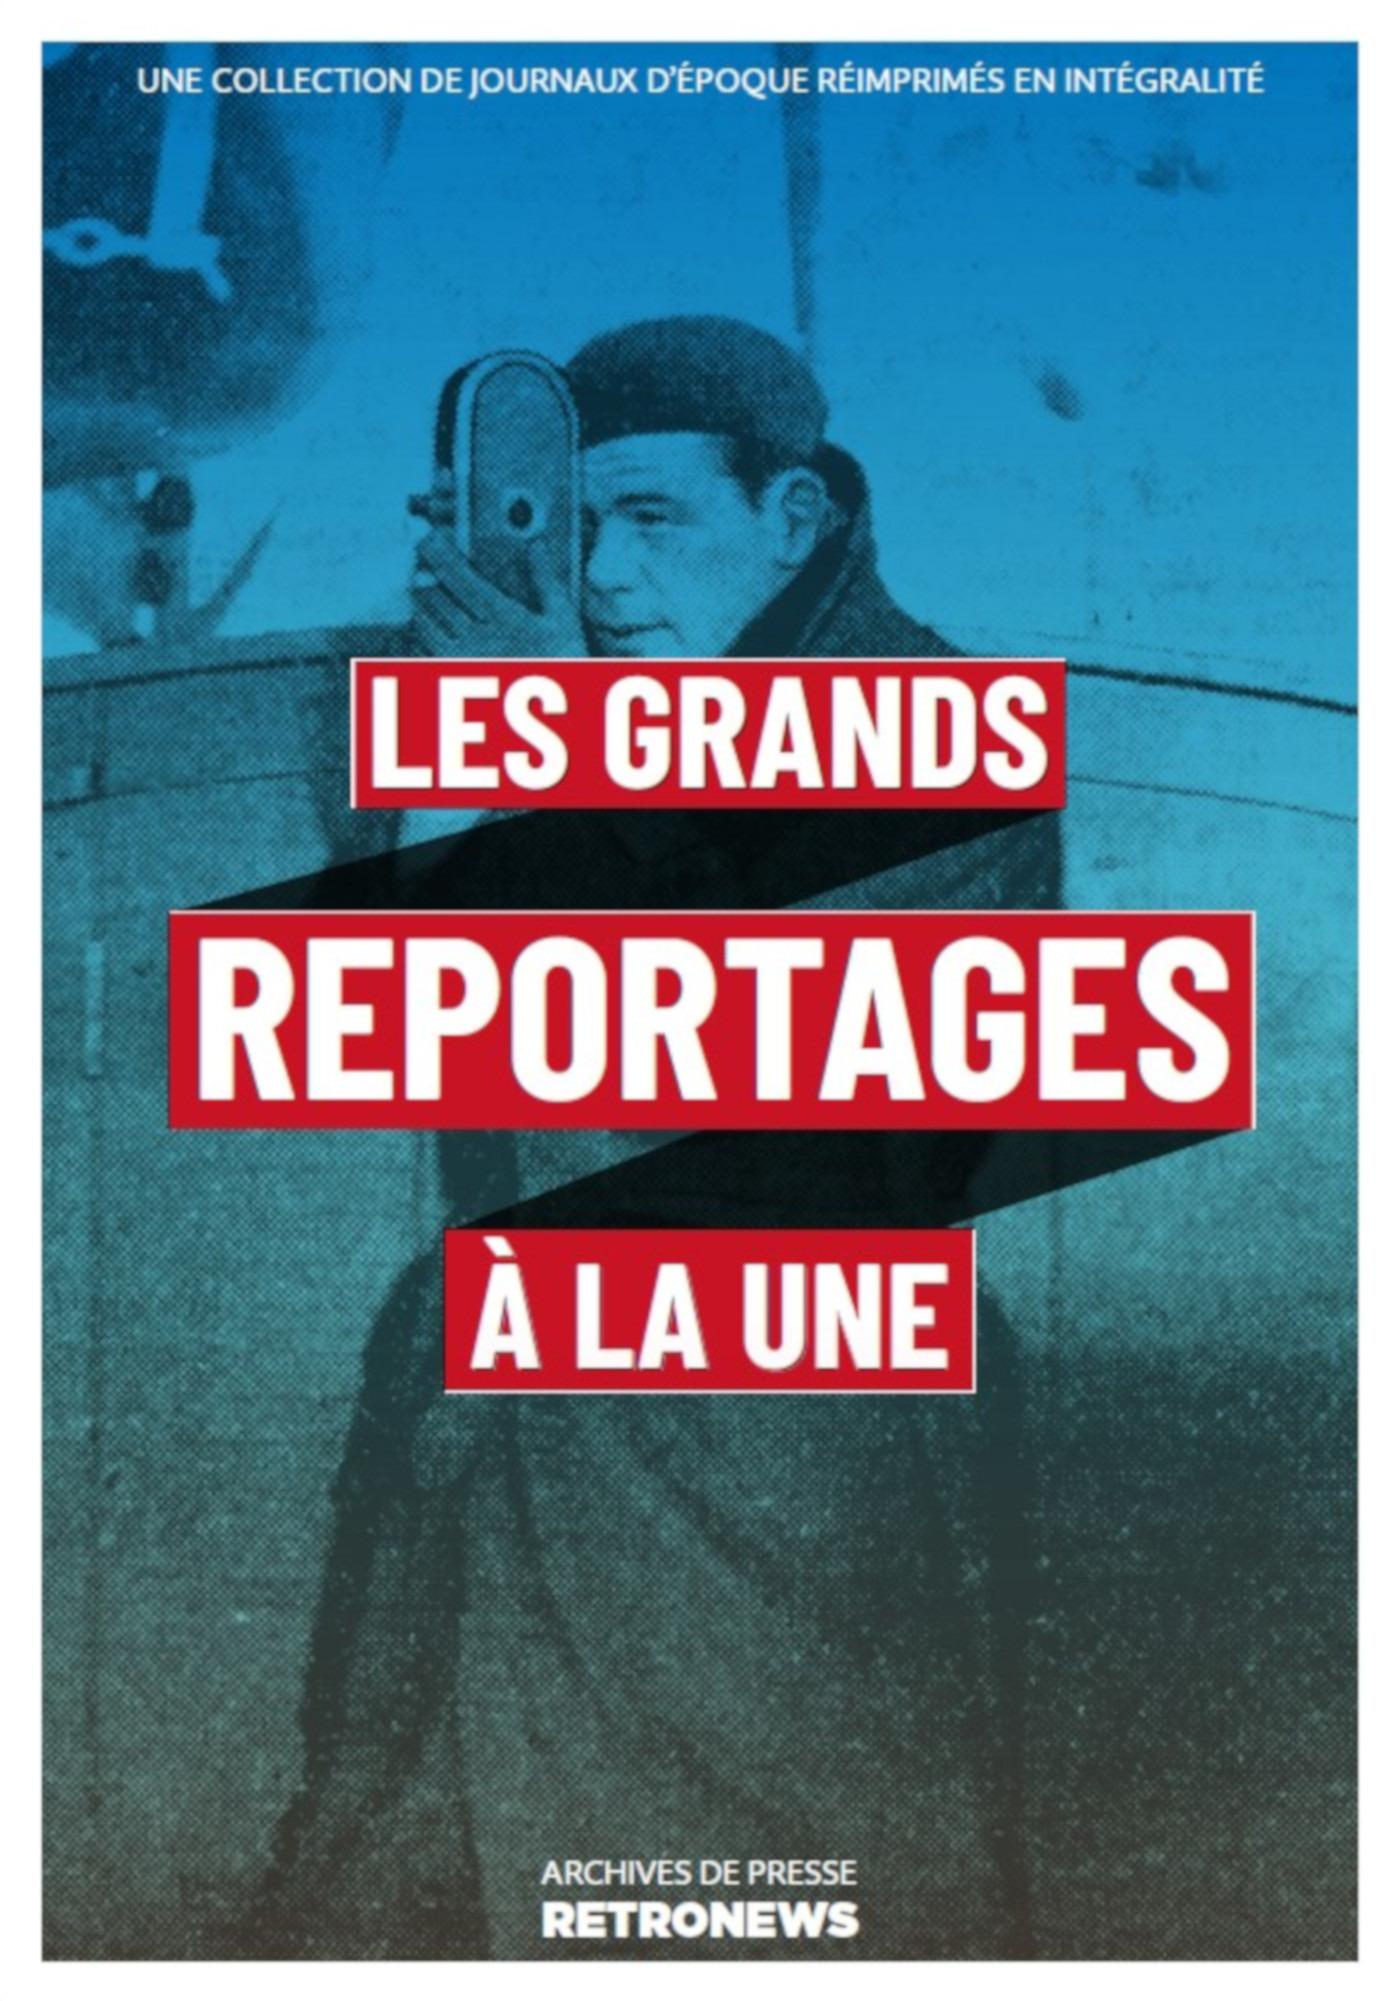 Les Grands Reportages à la une